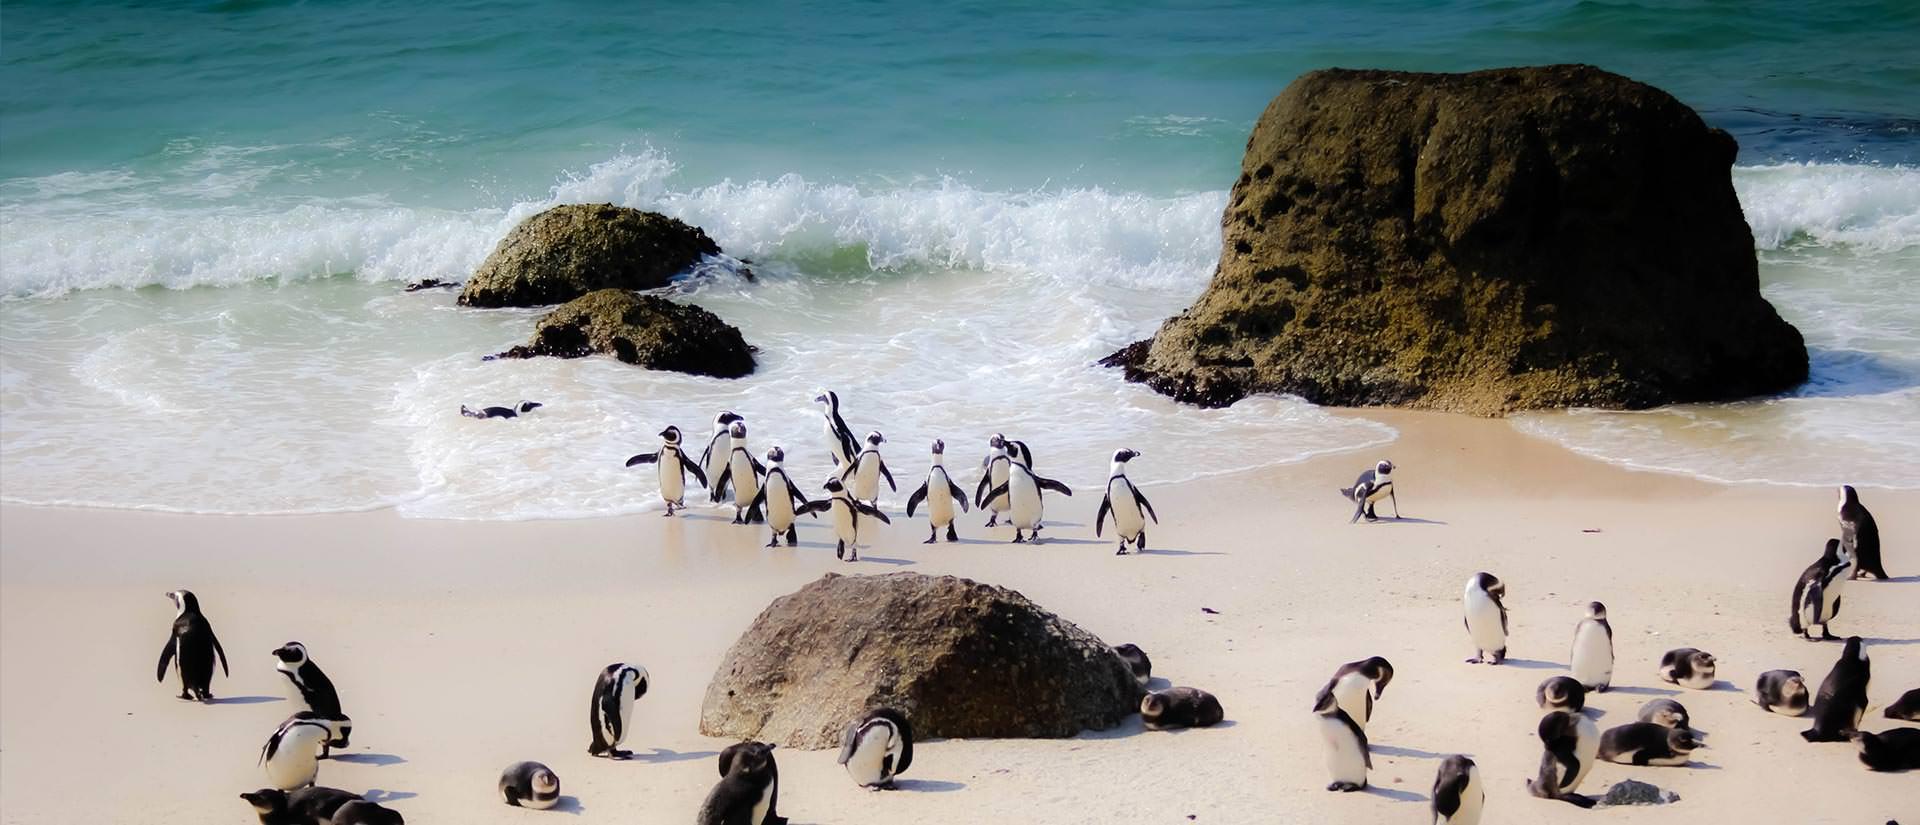 טיול לדרום אפריקה - 12 יום - טבע, ספארי, היסטוריה ותרבות